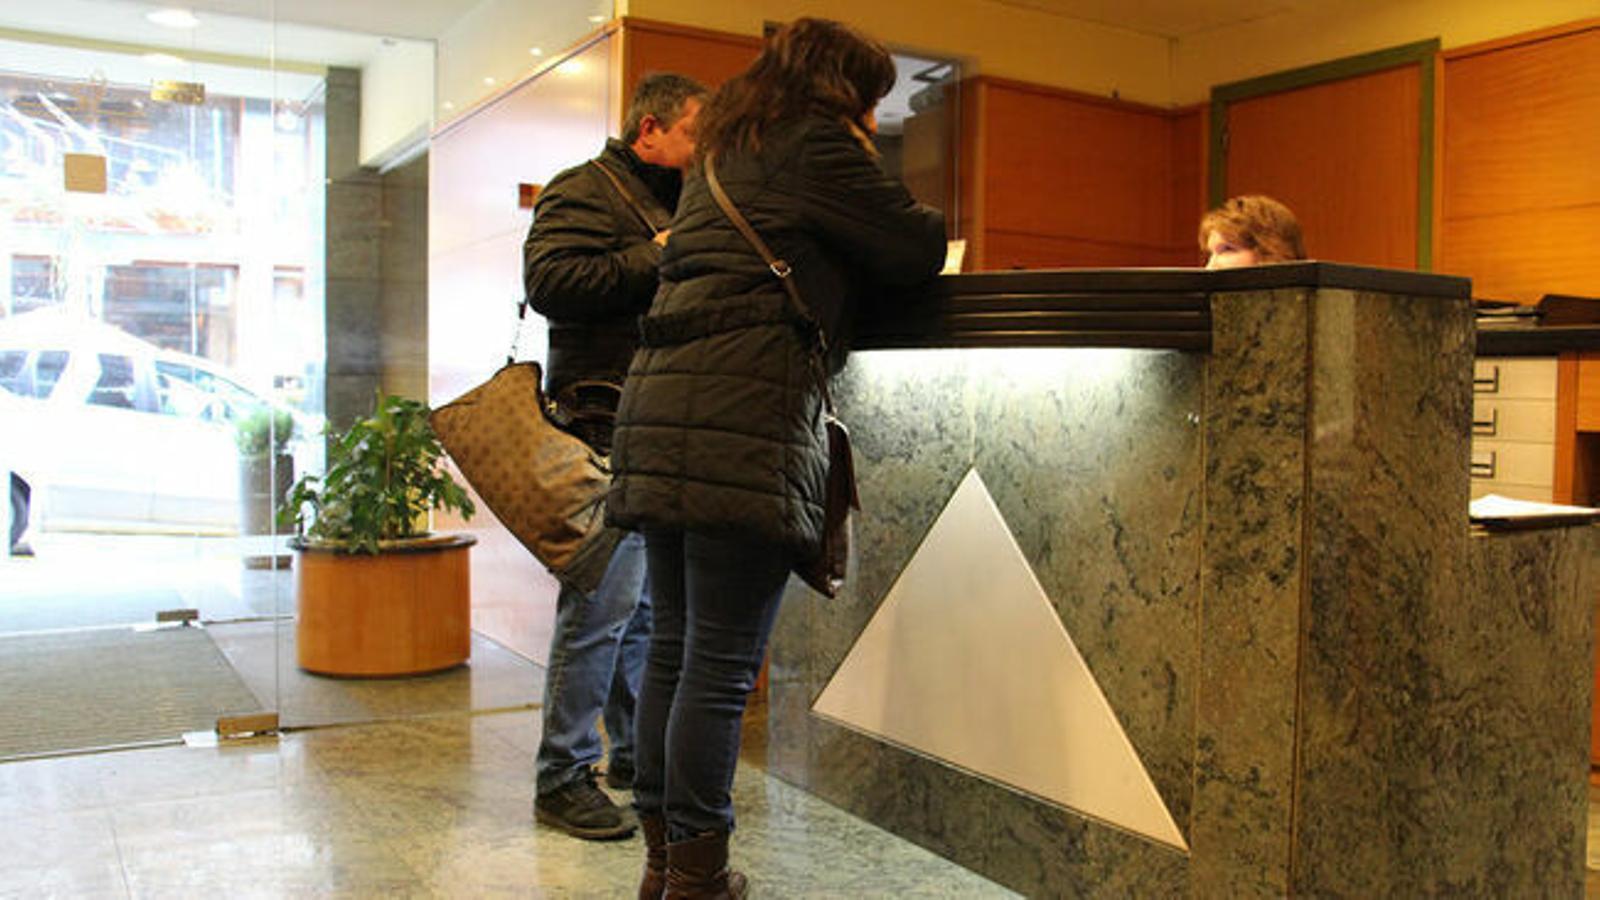 Dos turistes en un hotel del Principat. / ARXIU ANA